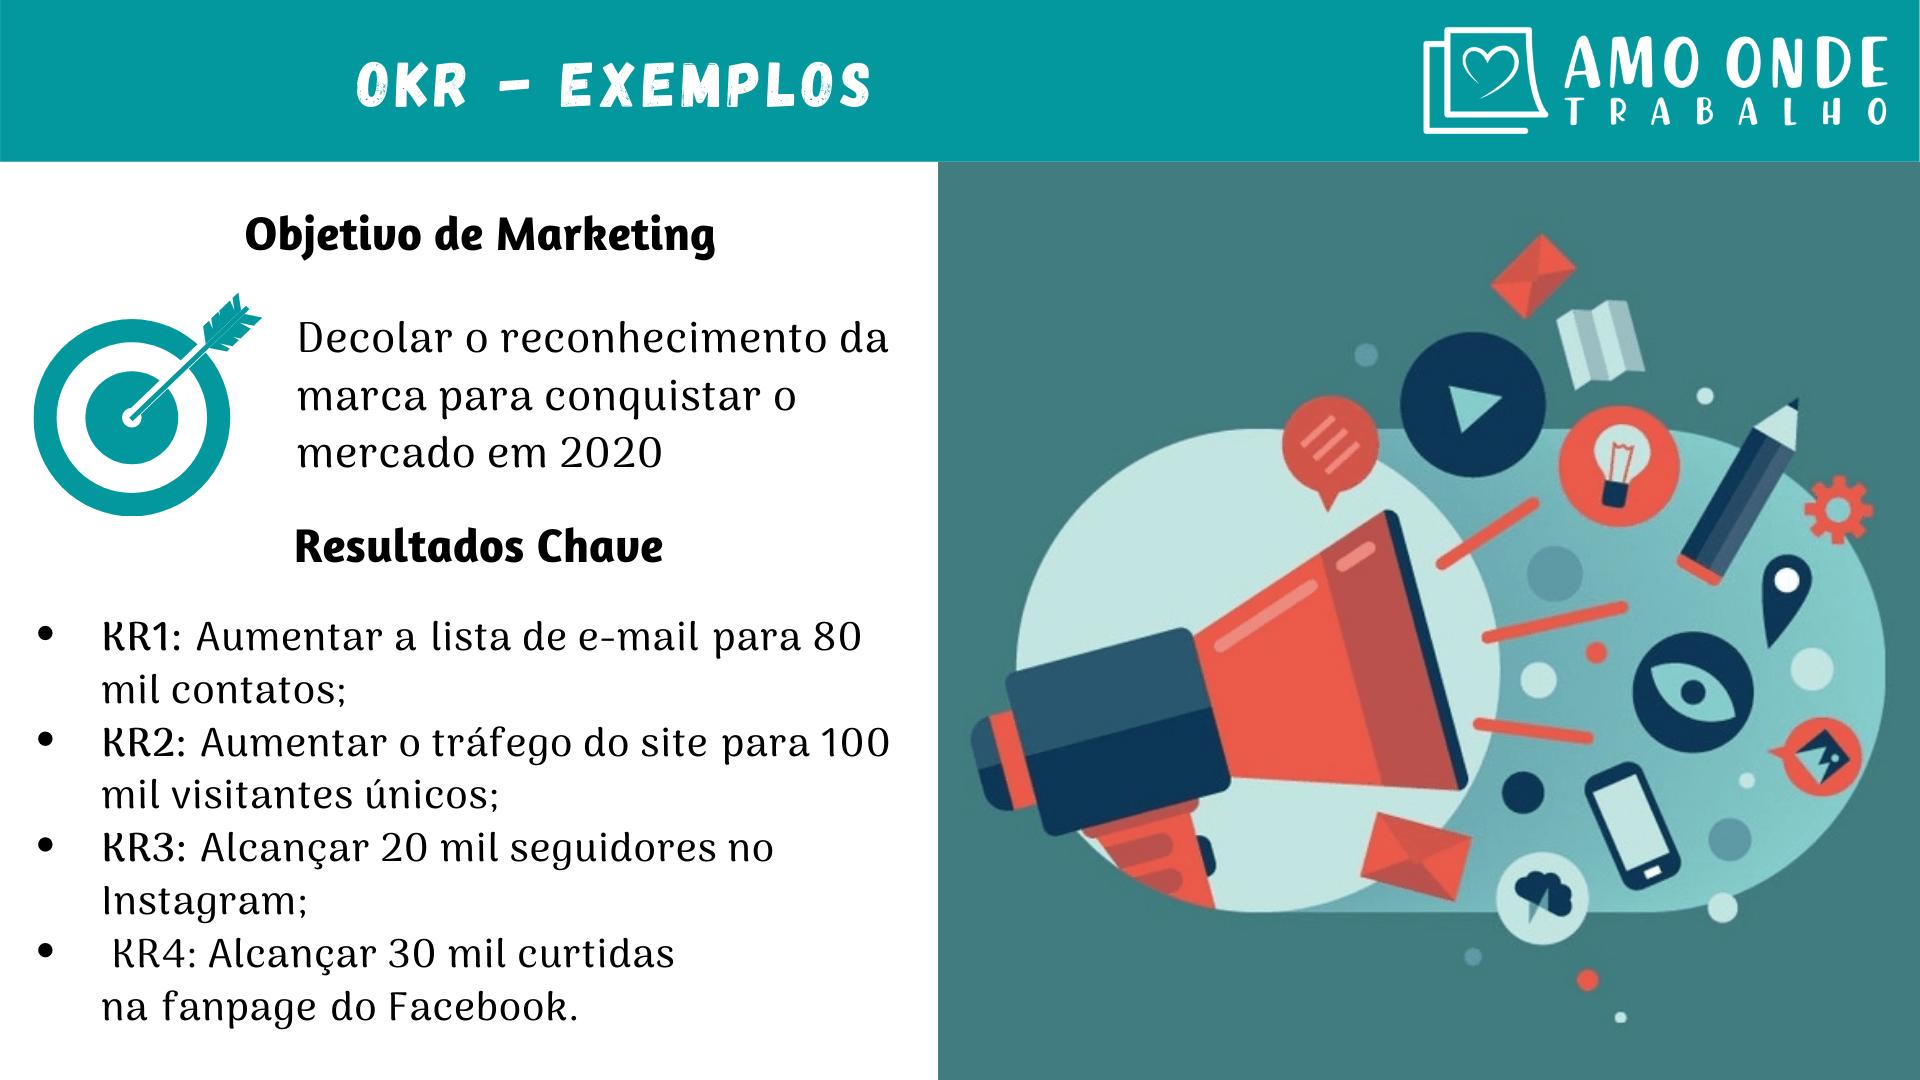 Exemplos de OKR Para Marketing